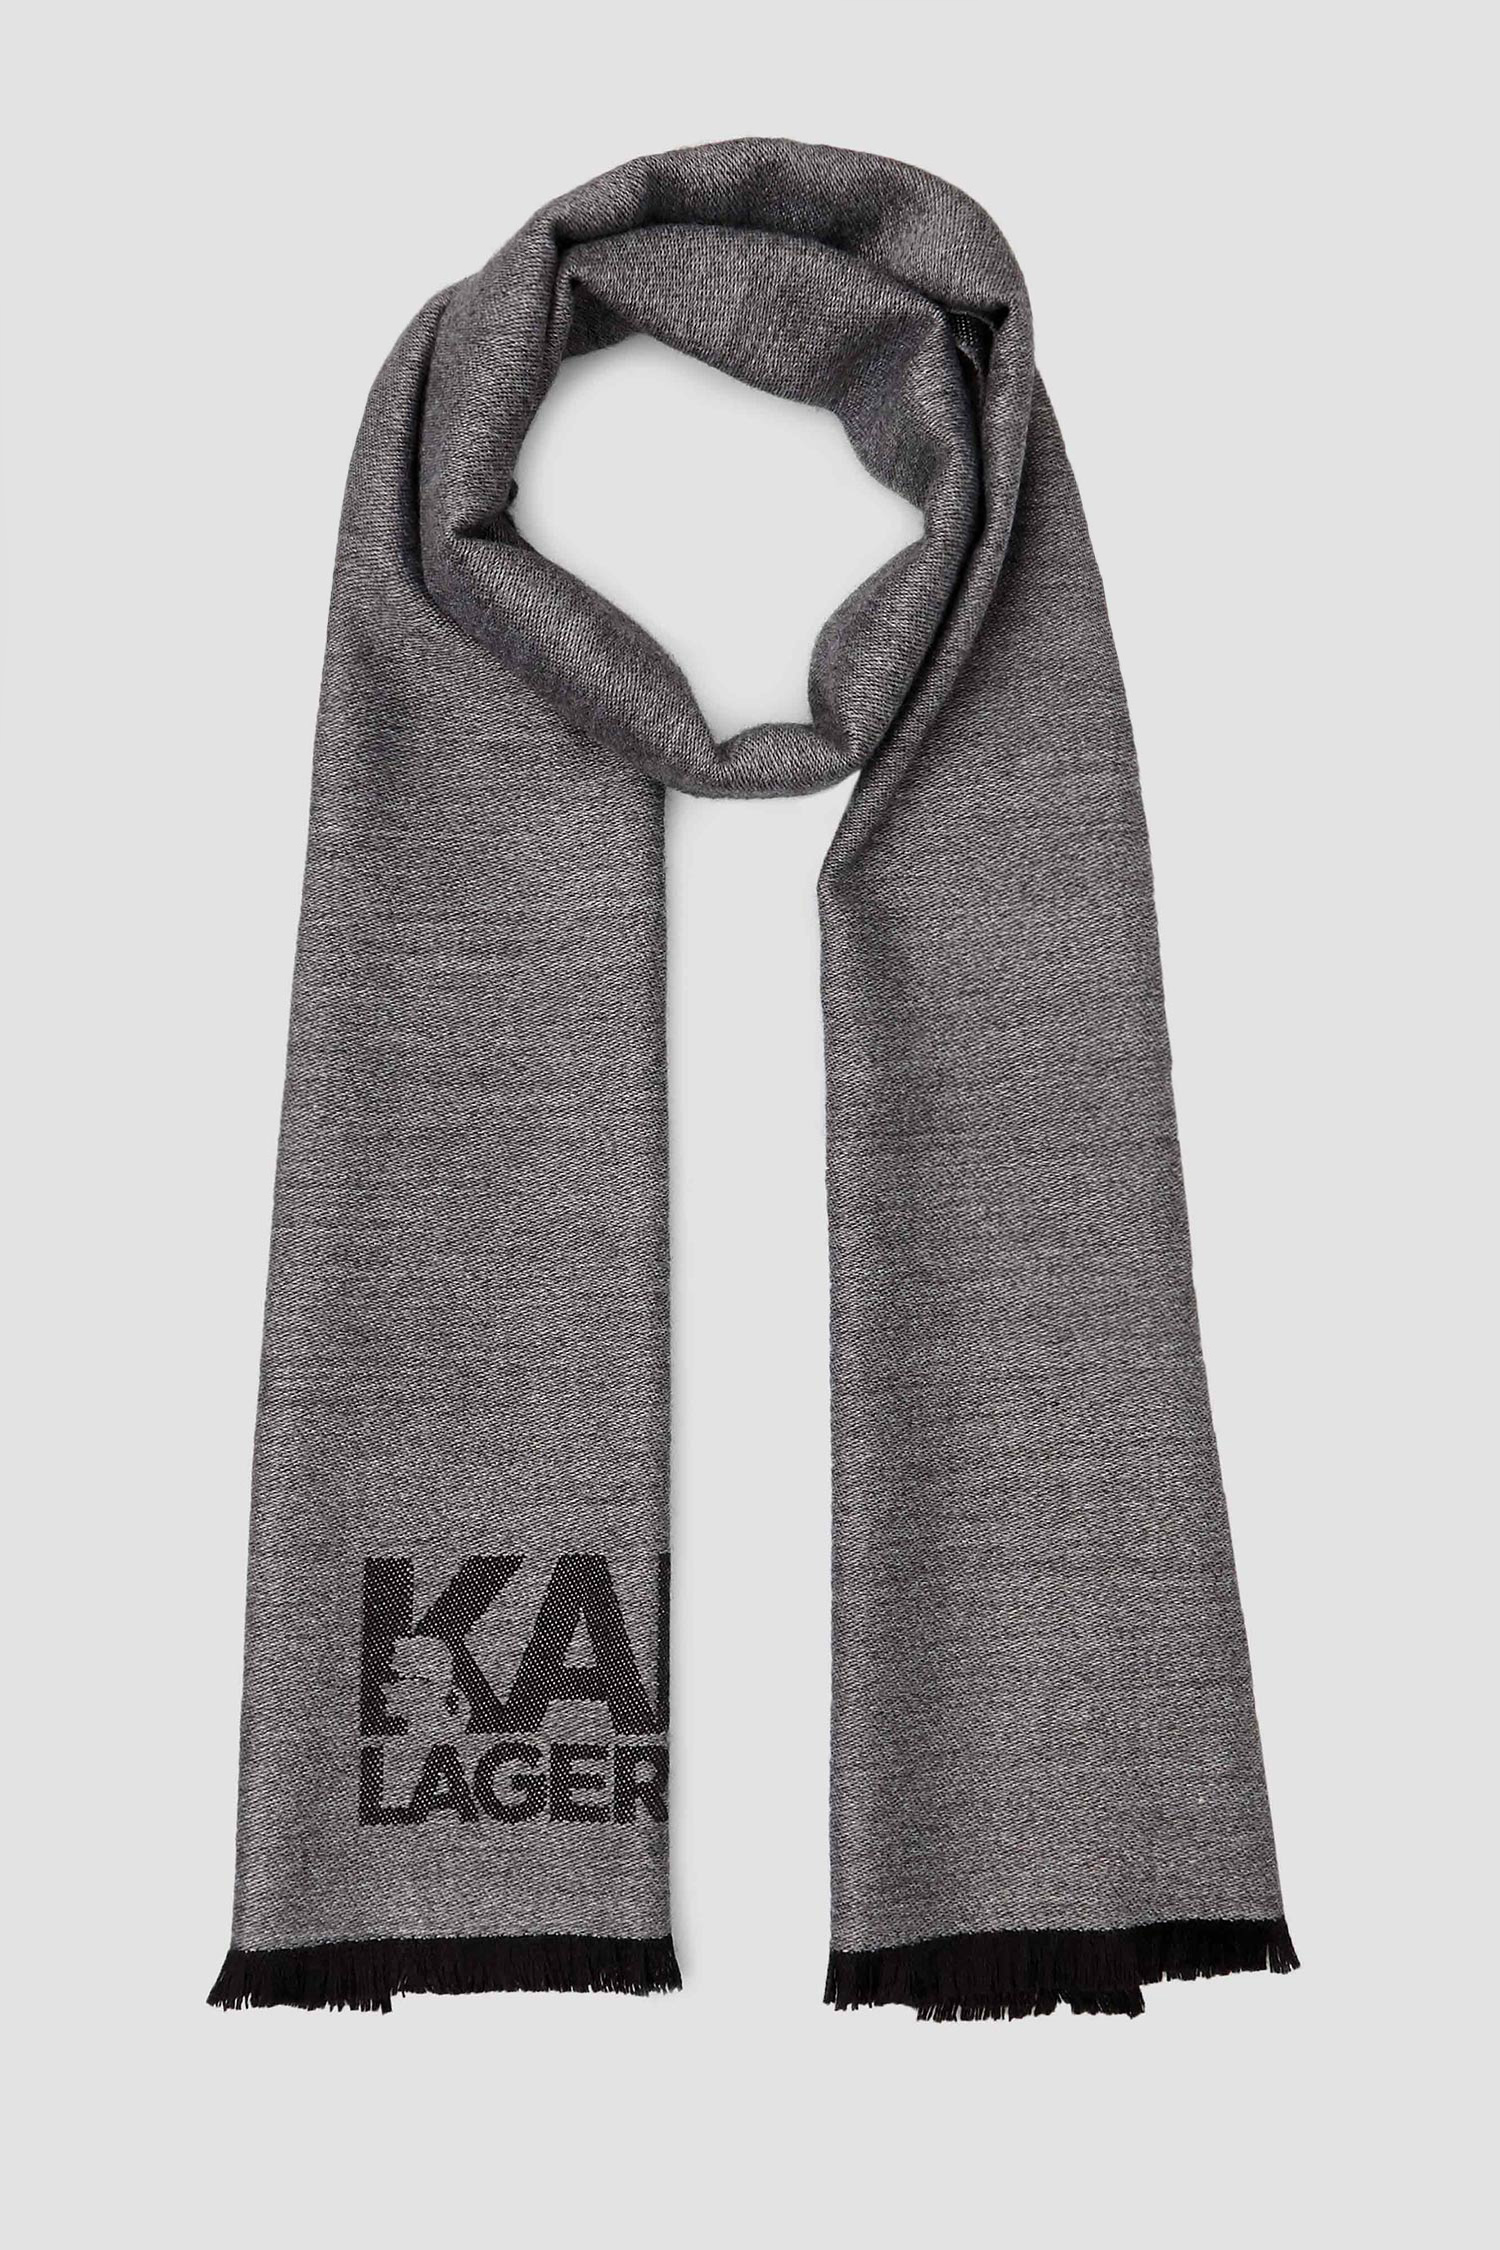 Мужской серый шерстяной шарф Karl Lagerfeld 502136.805001;990